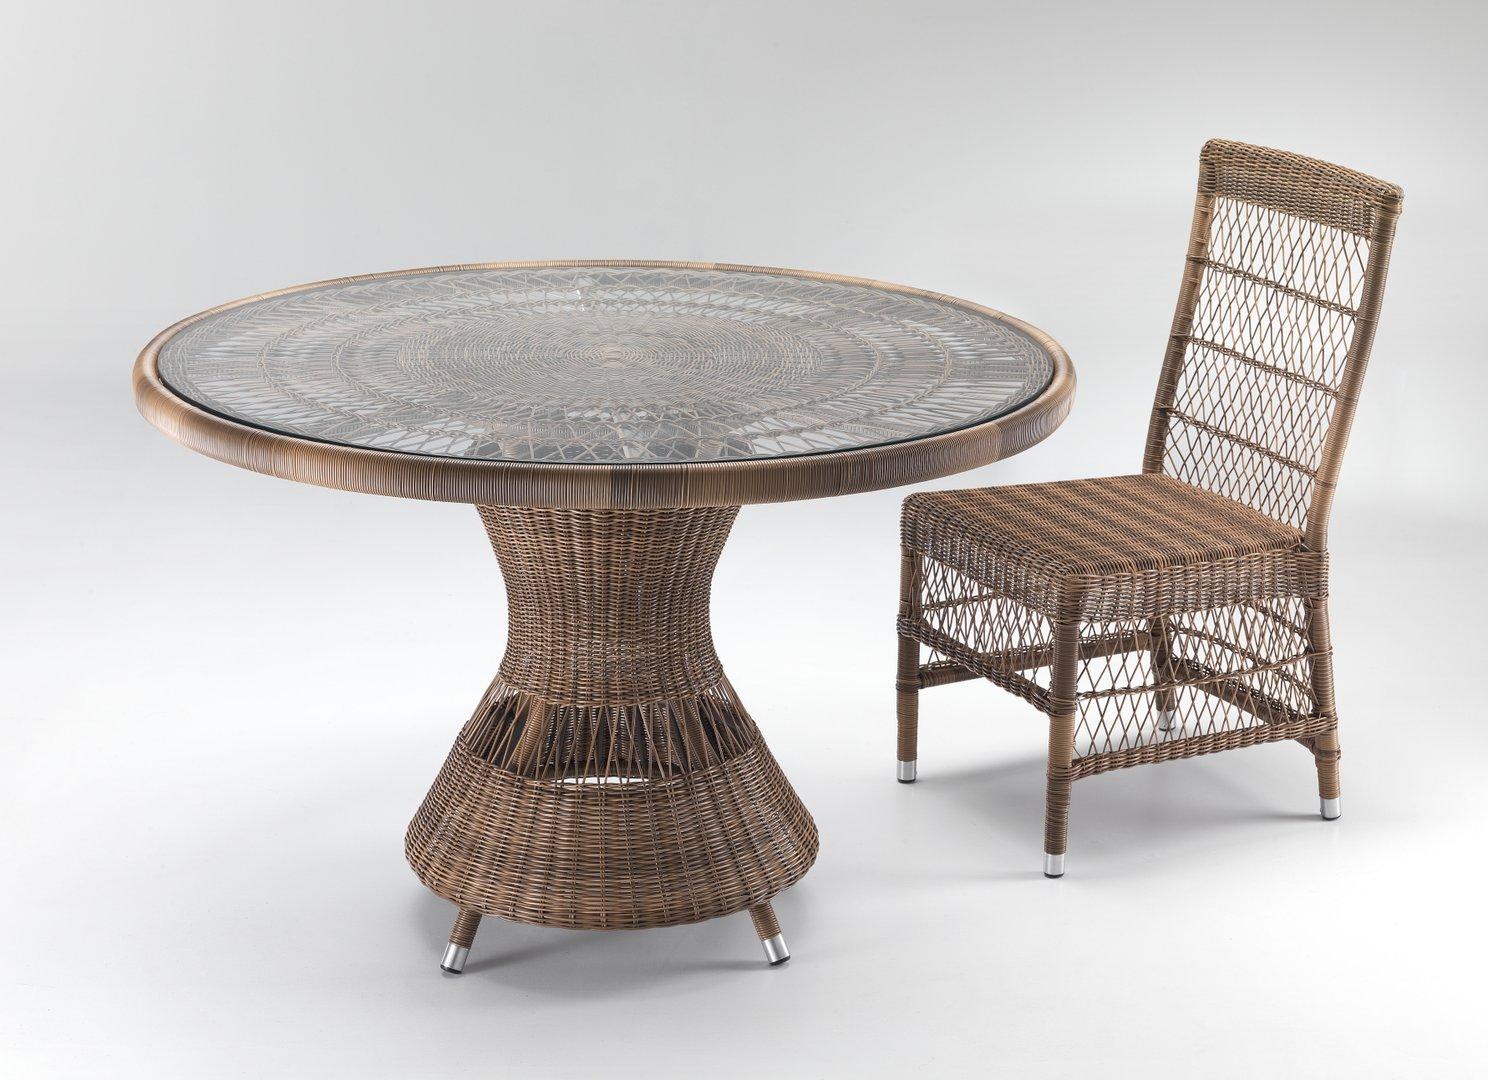 Tavolo rotondo in rattan intrecciato etnico outlet mobili - Tavolo da giardino rattan ...